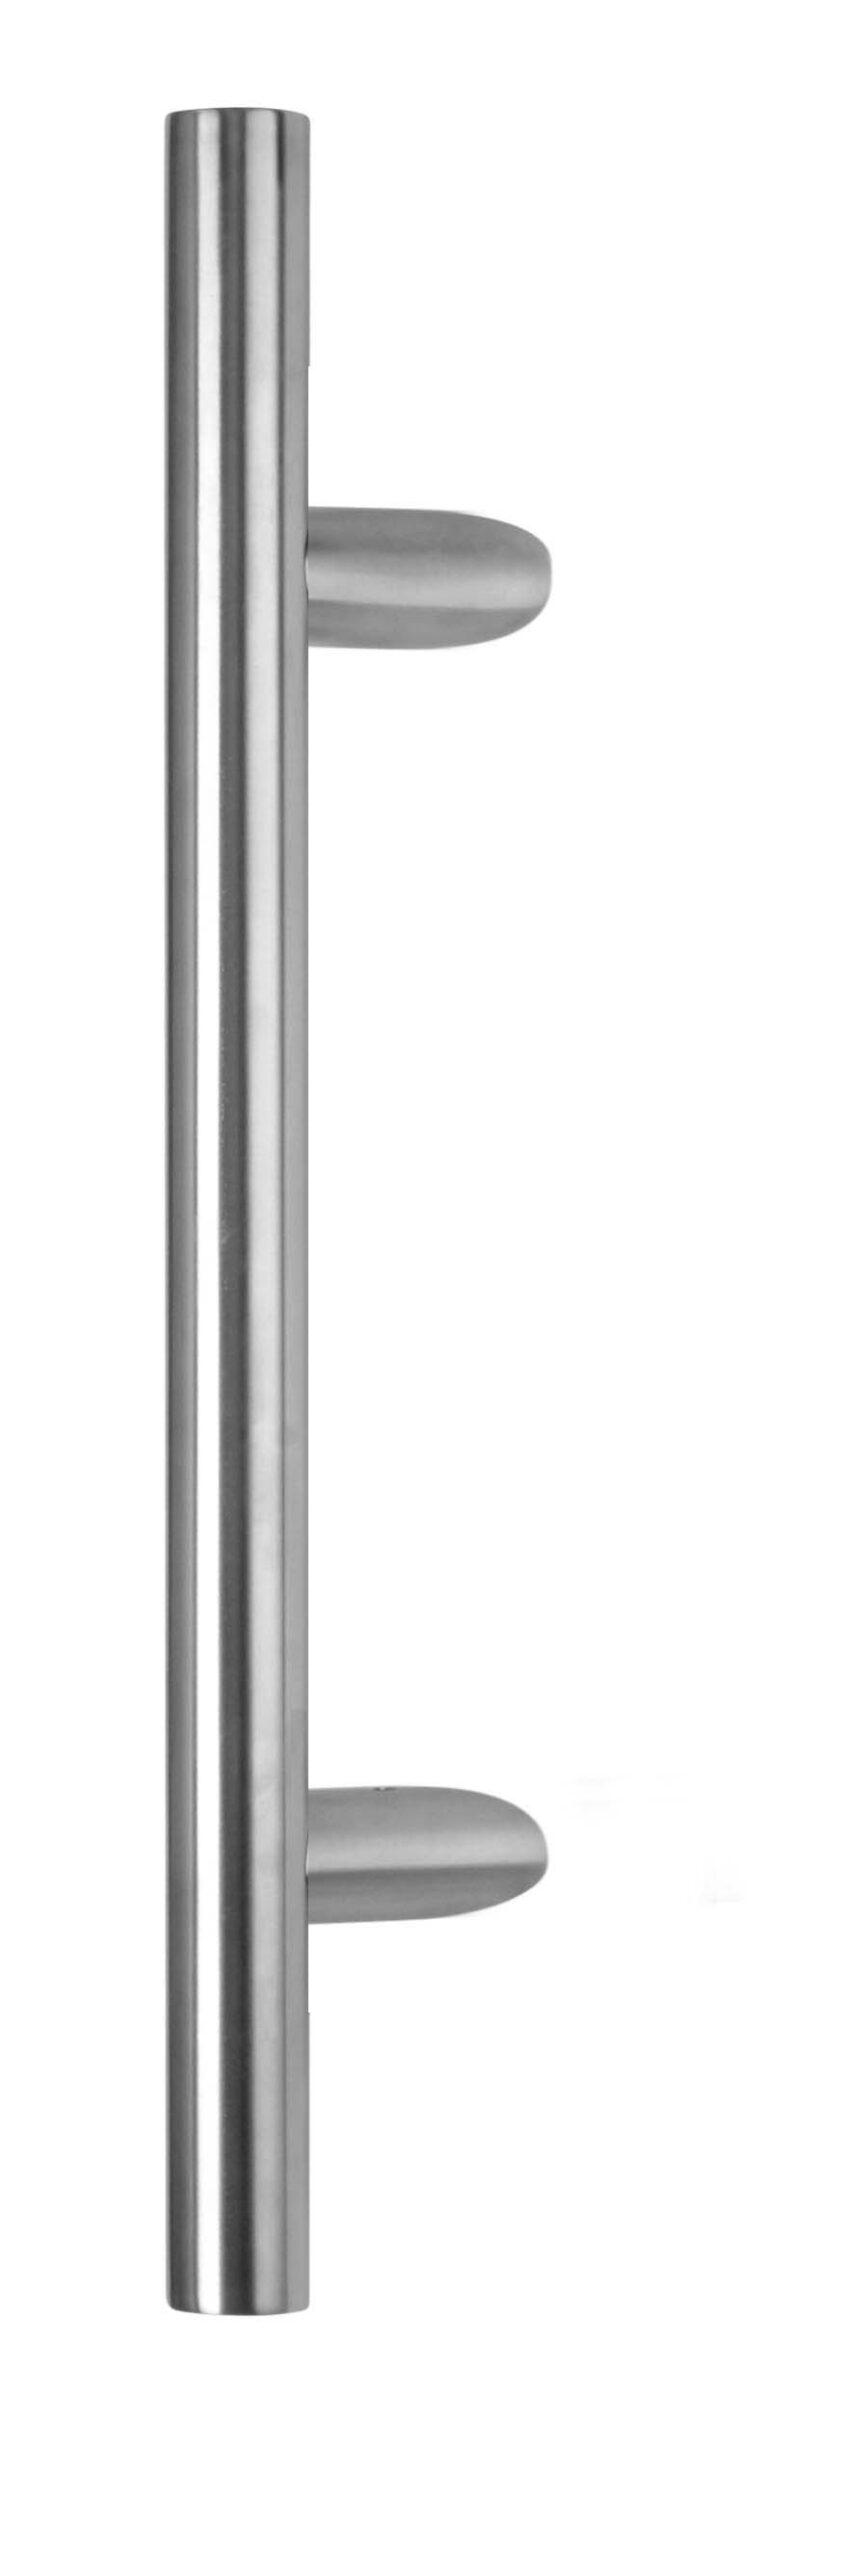 PH006C